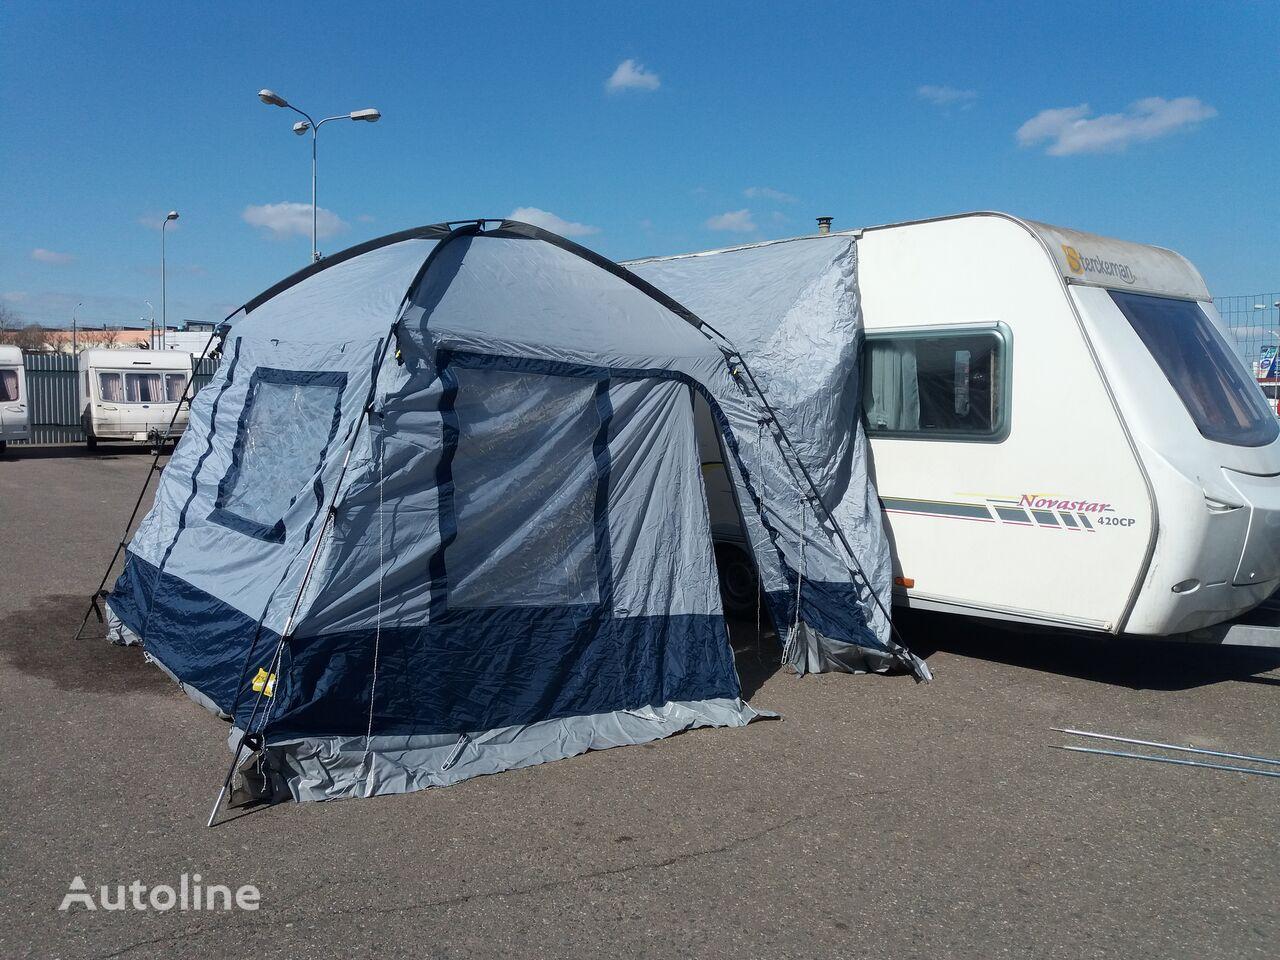 Palatka universalnaya dlya pricep-dachi caravan trailer